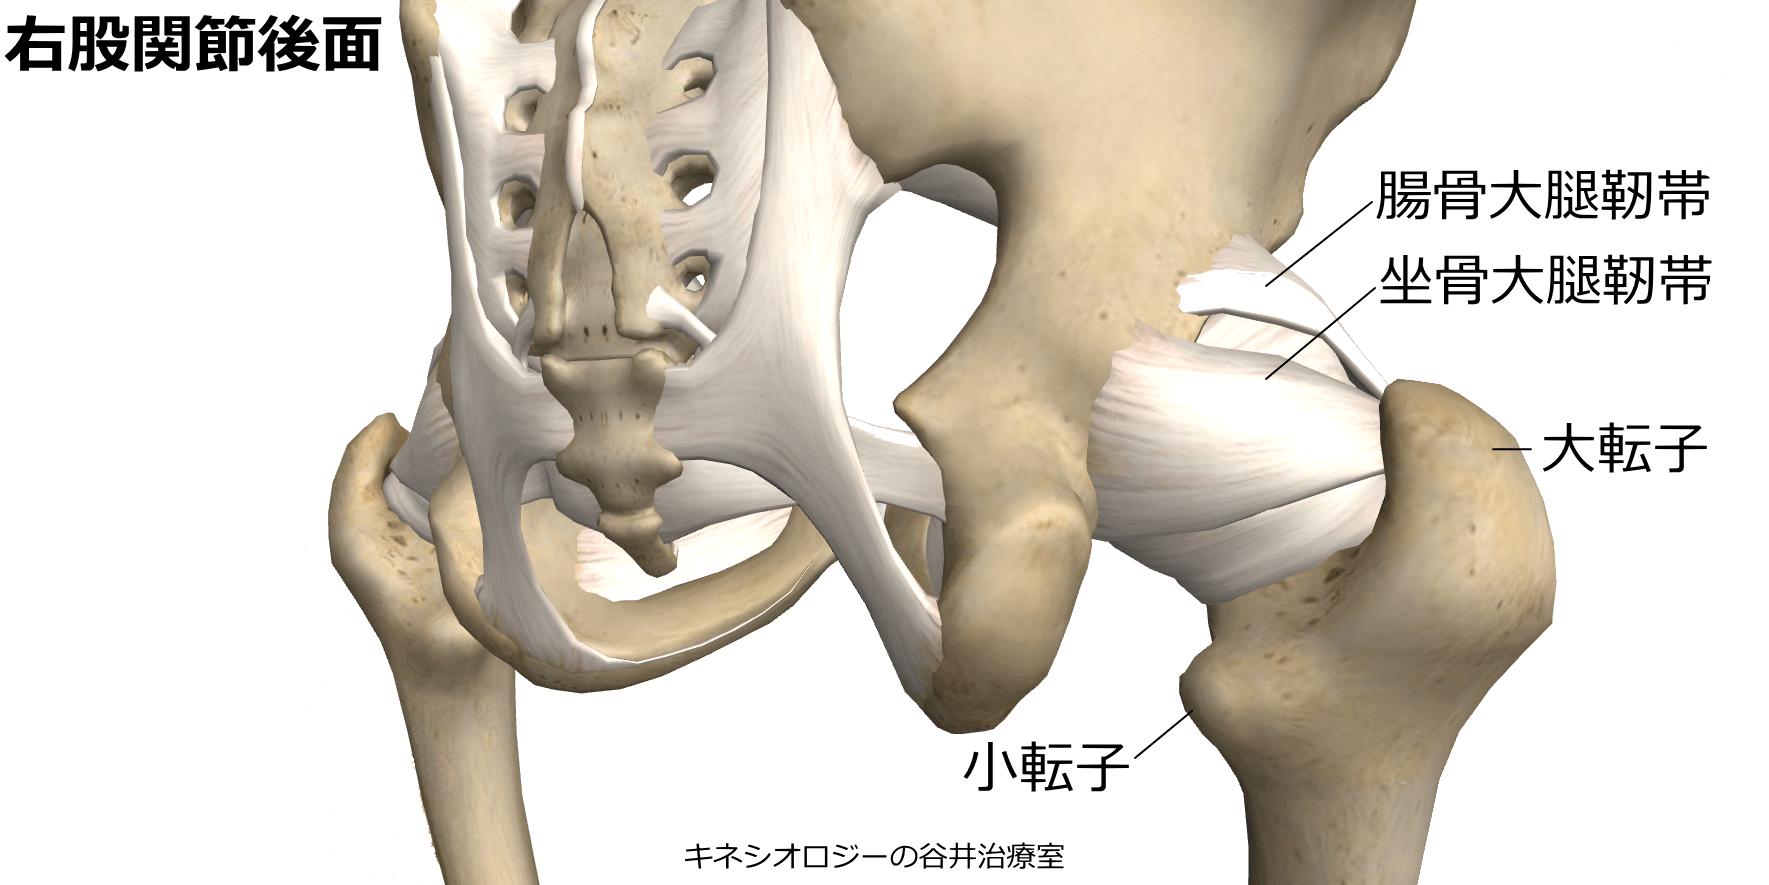 札幌股関節痛整体治療院・股関節靭帯